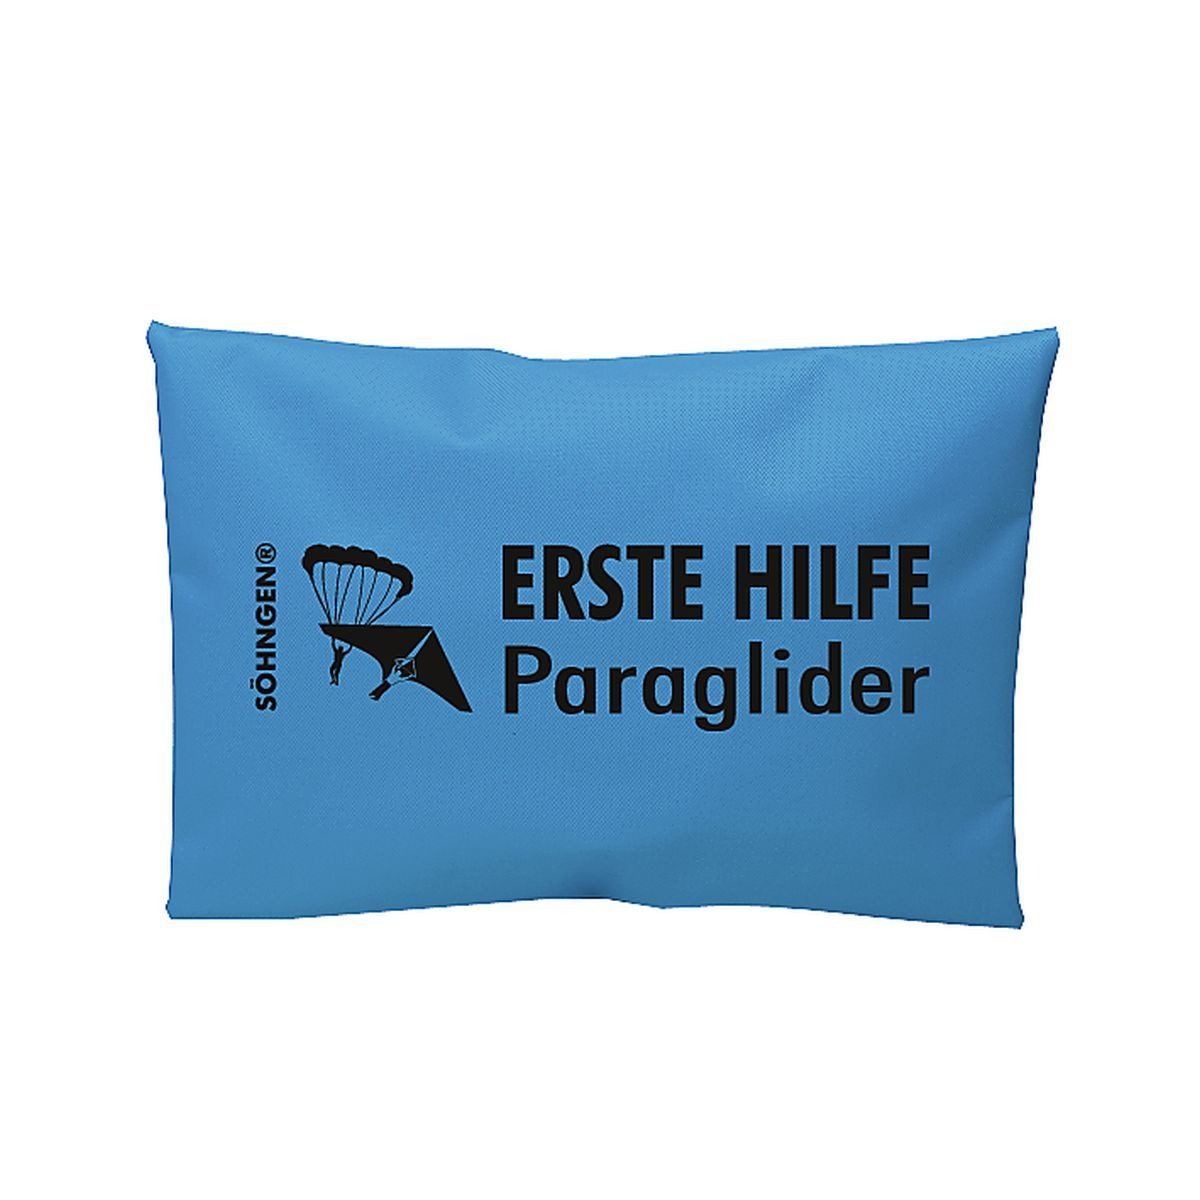 Erste Hilfe Paraglider blau